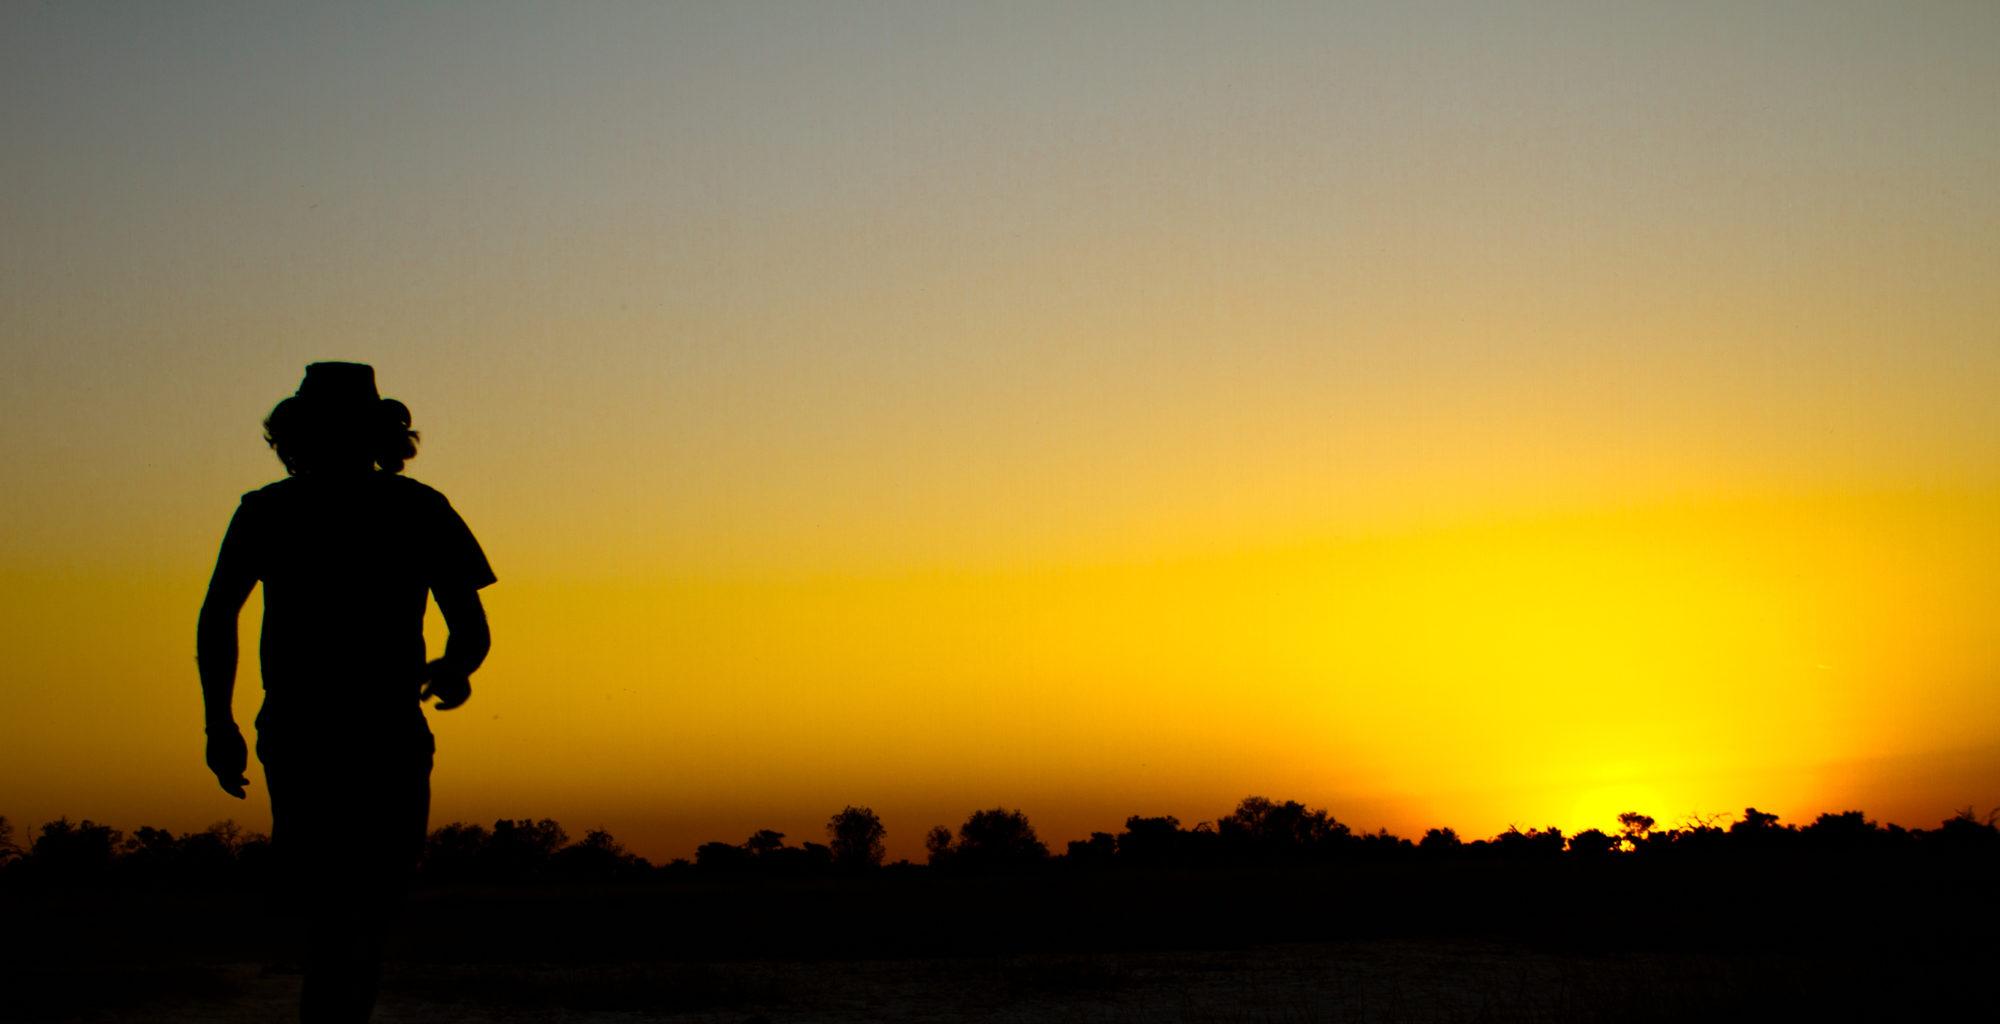 Roger-Dugmore-Botswana-Sunset